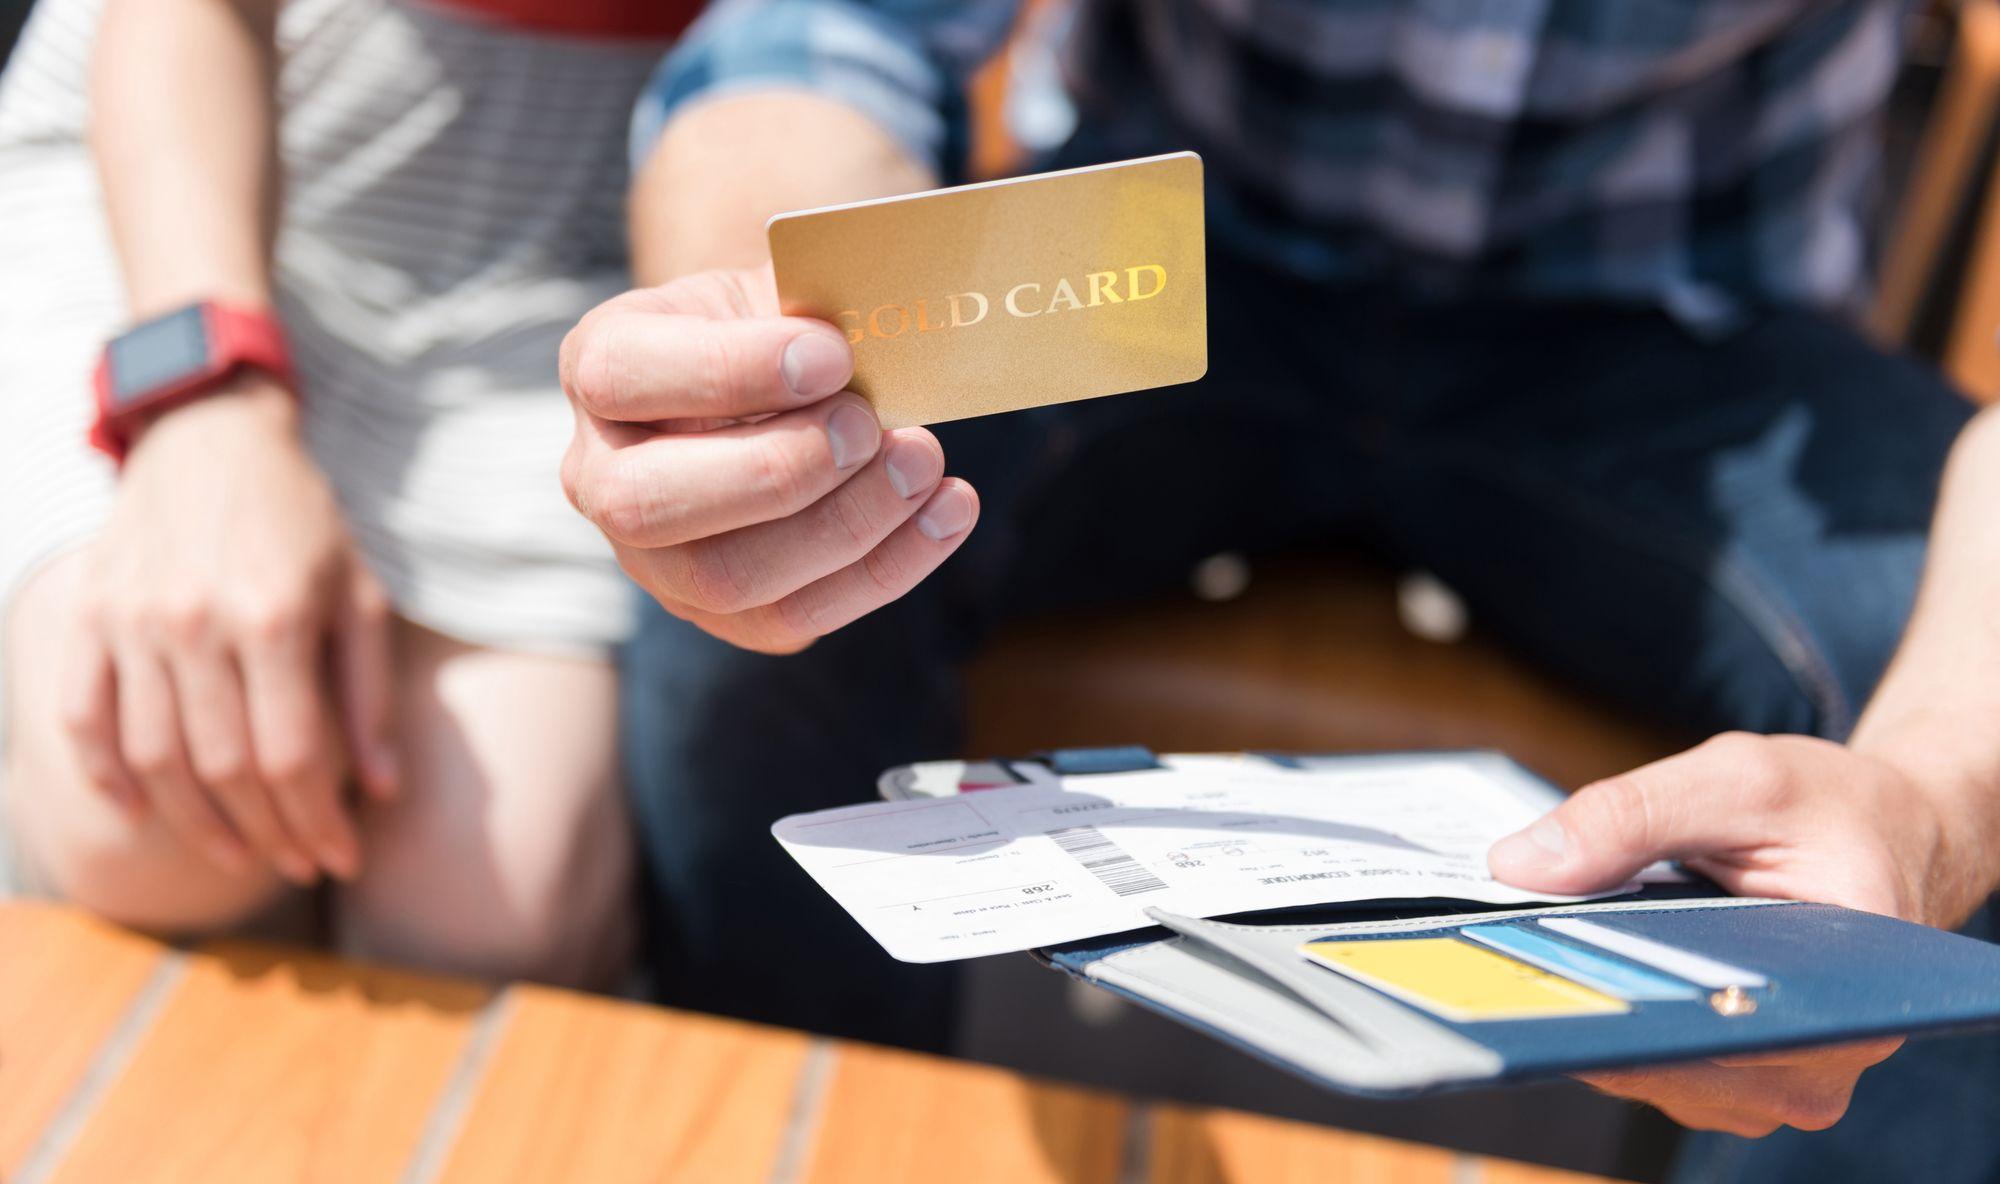 ゴールドカードのメリットと意外な活用方法を合わせて解説!